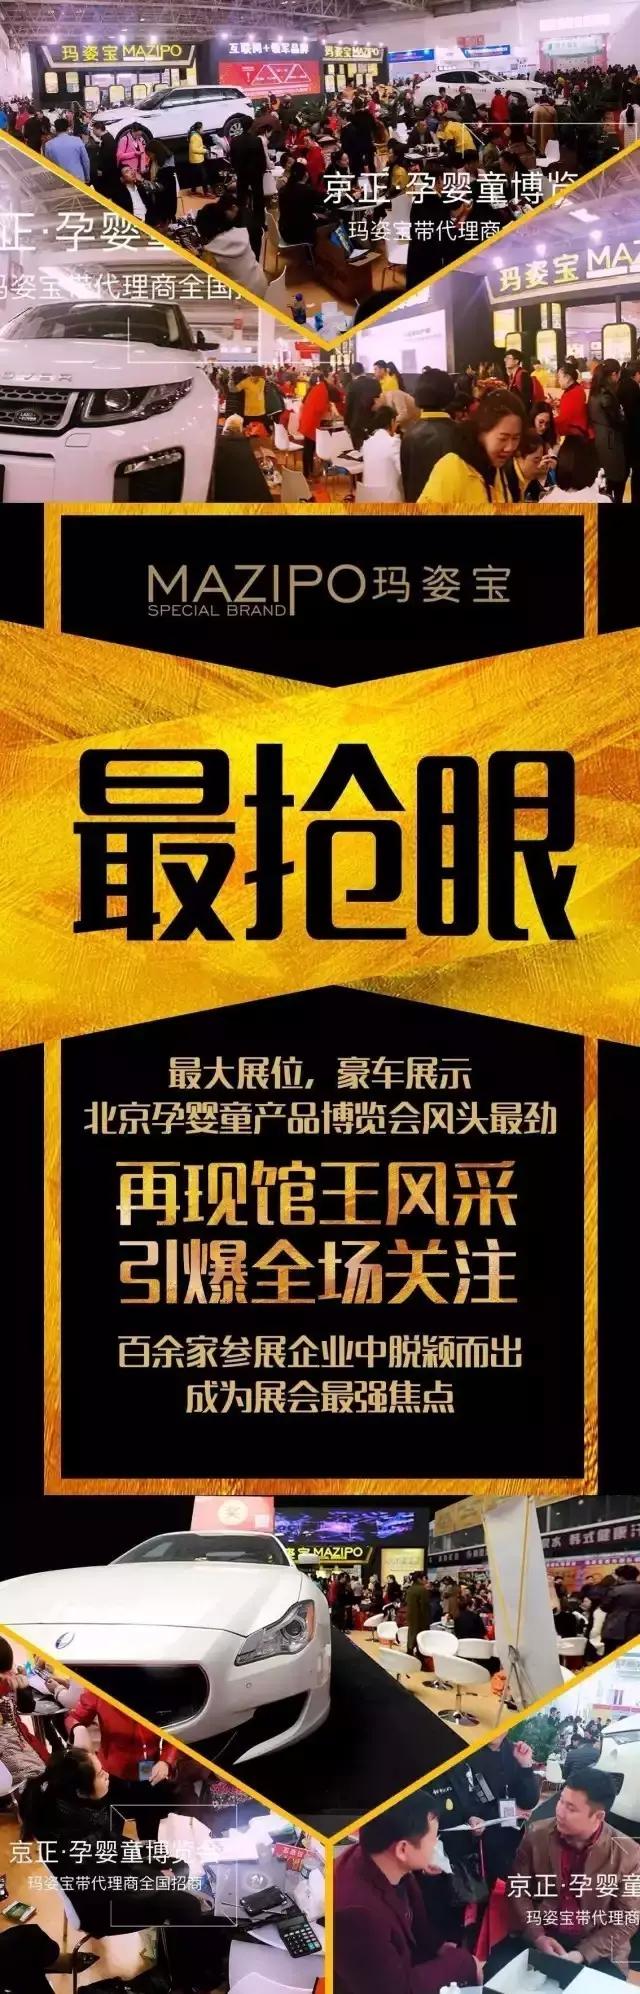 蓄势待发,火爆预热――上海美博会,玛姿宝强势登场!